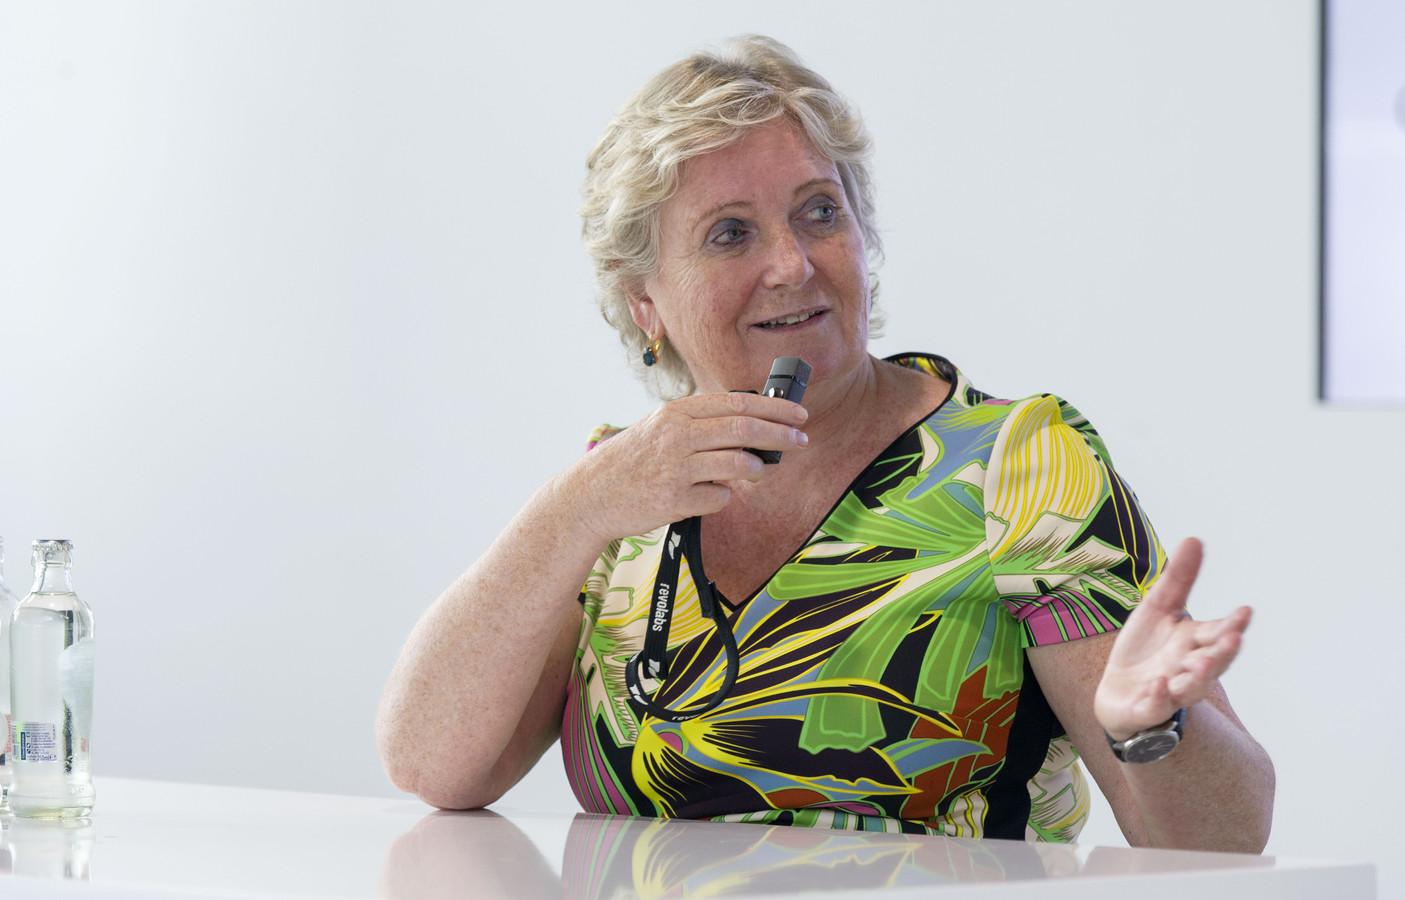 """Hoogleraar Lisette van Gemert van Universiteit Twente leidde het onderzoek naar het functioneren van de CoronaMelder. """"Niemand begrijpt iets van quarantaine en isolatie""""."""